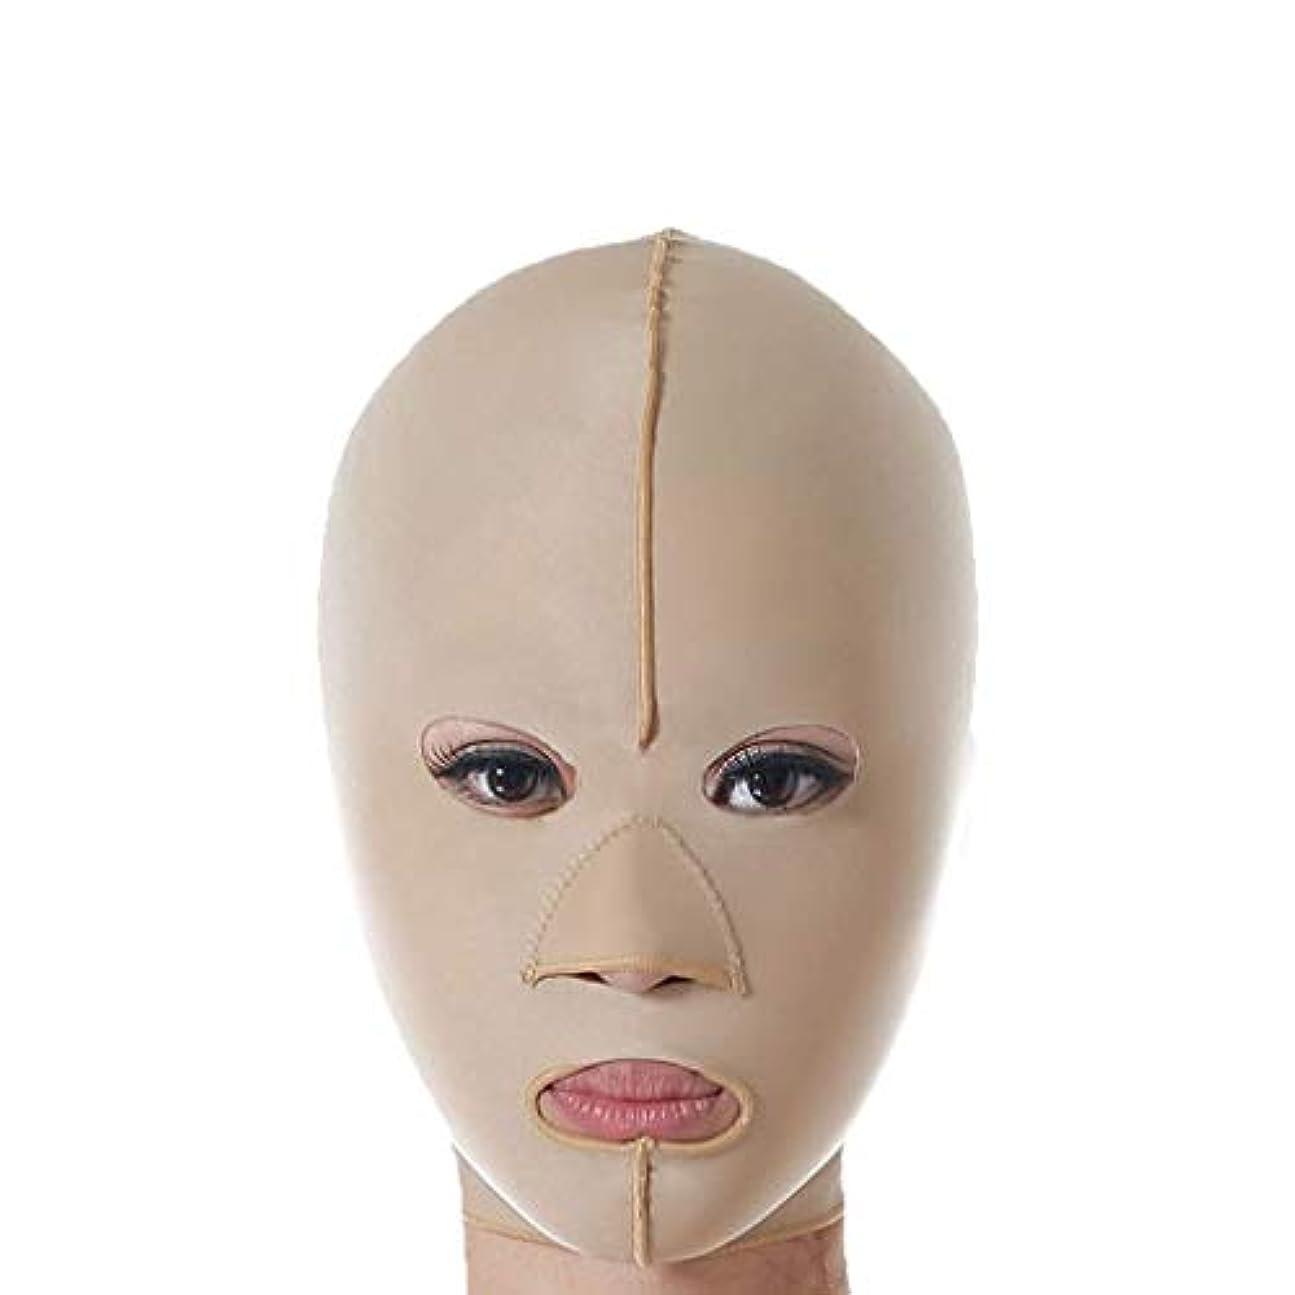 キャリア満員バイソン減量フェイスマスク、リフティング包帯、スリムフェイスリフトリフティングベルト、フェイシャル減量リフティング包帯、リフティングファーミング包帯(サイズ:XL),ザ?